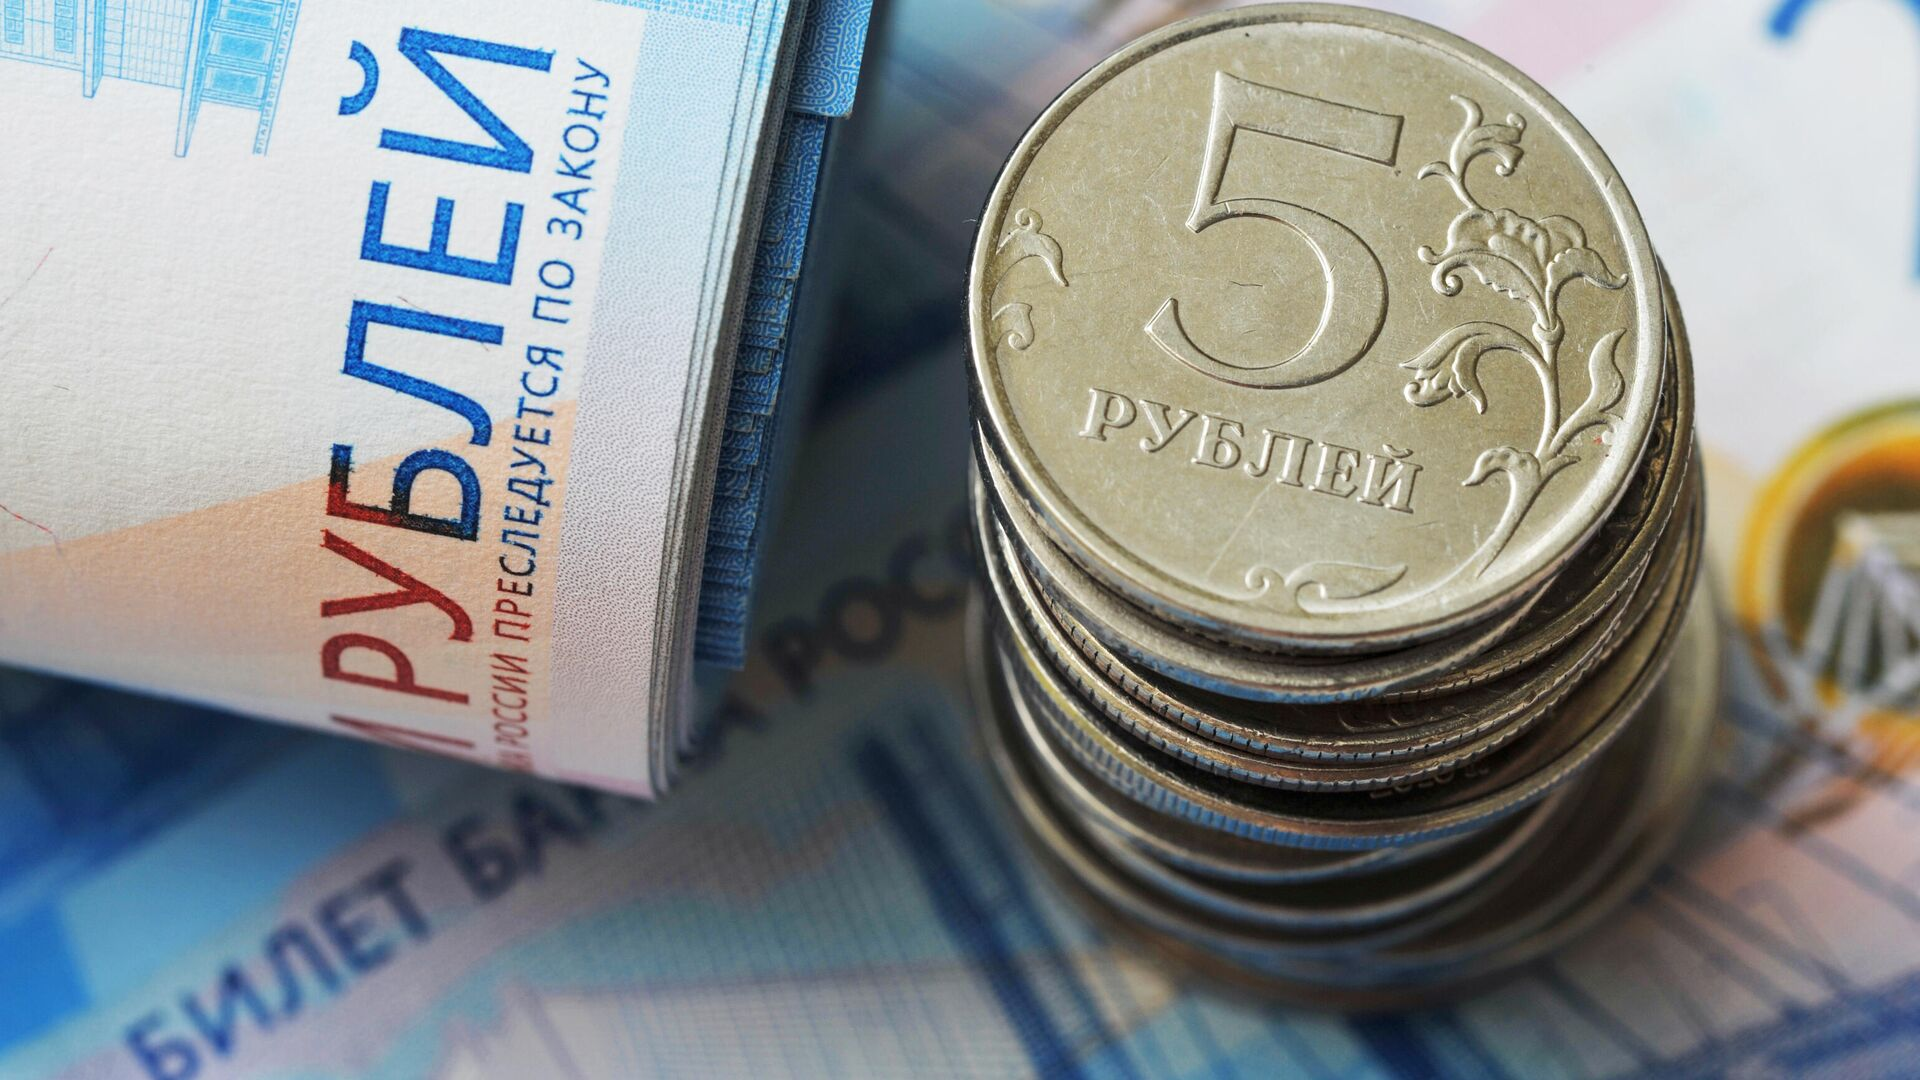 Банкноты номиналом 2000 рублей и монеты номиналом 5 рублей - РИА Новости, 1920, 27.07.2021